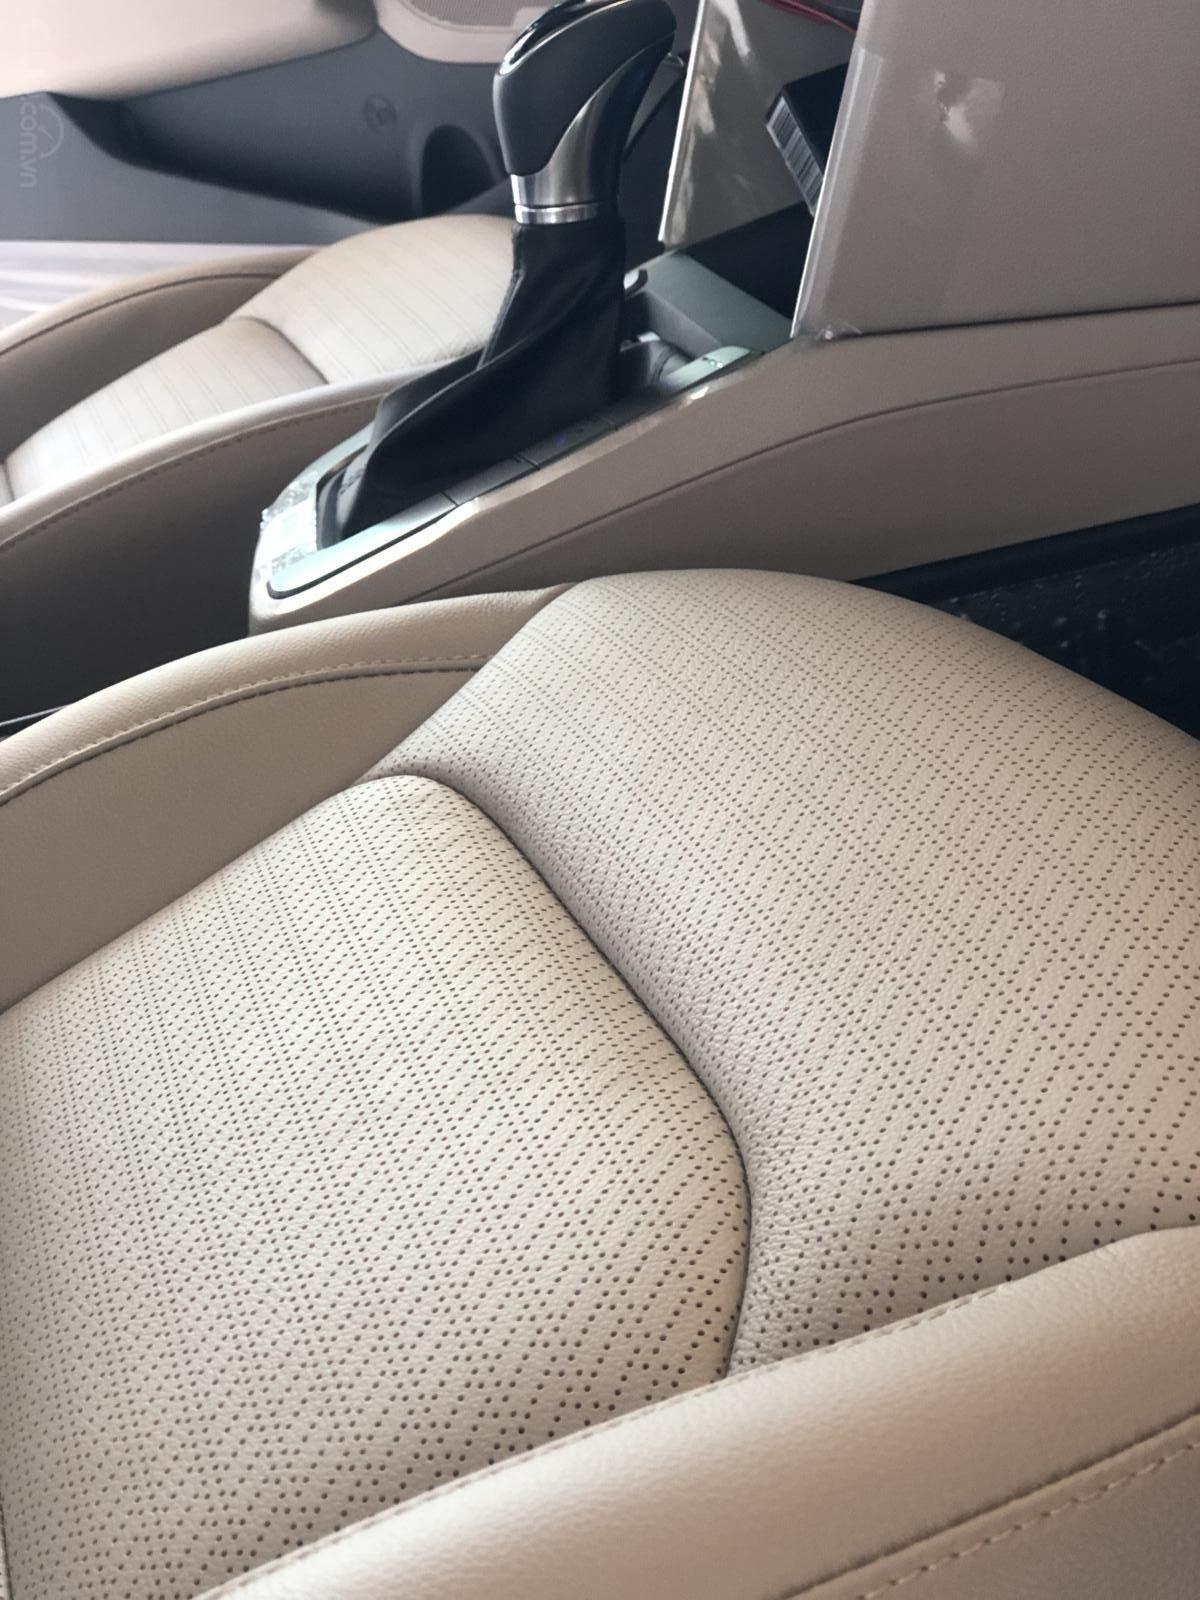 Xe Hyundai Elantra 2019, giá từ 555tr - màu trắng- giao ngay - LH: 0919293553 (12)